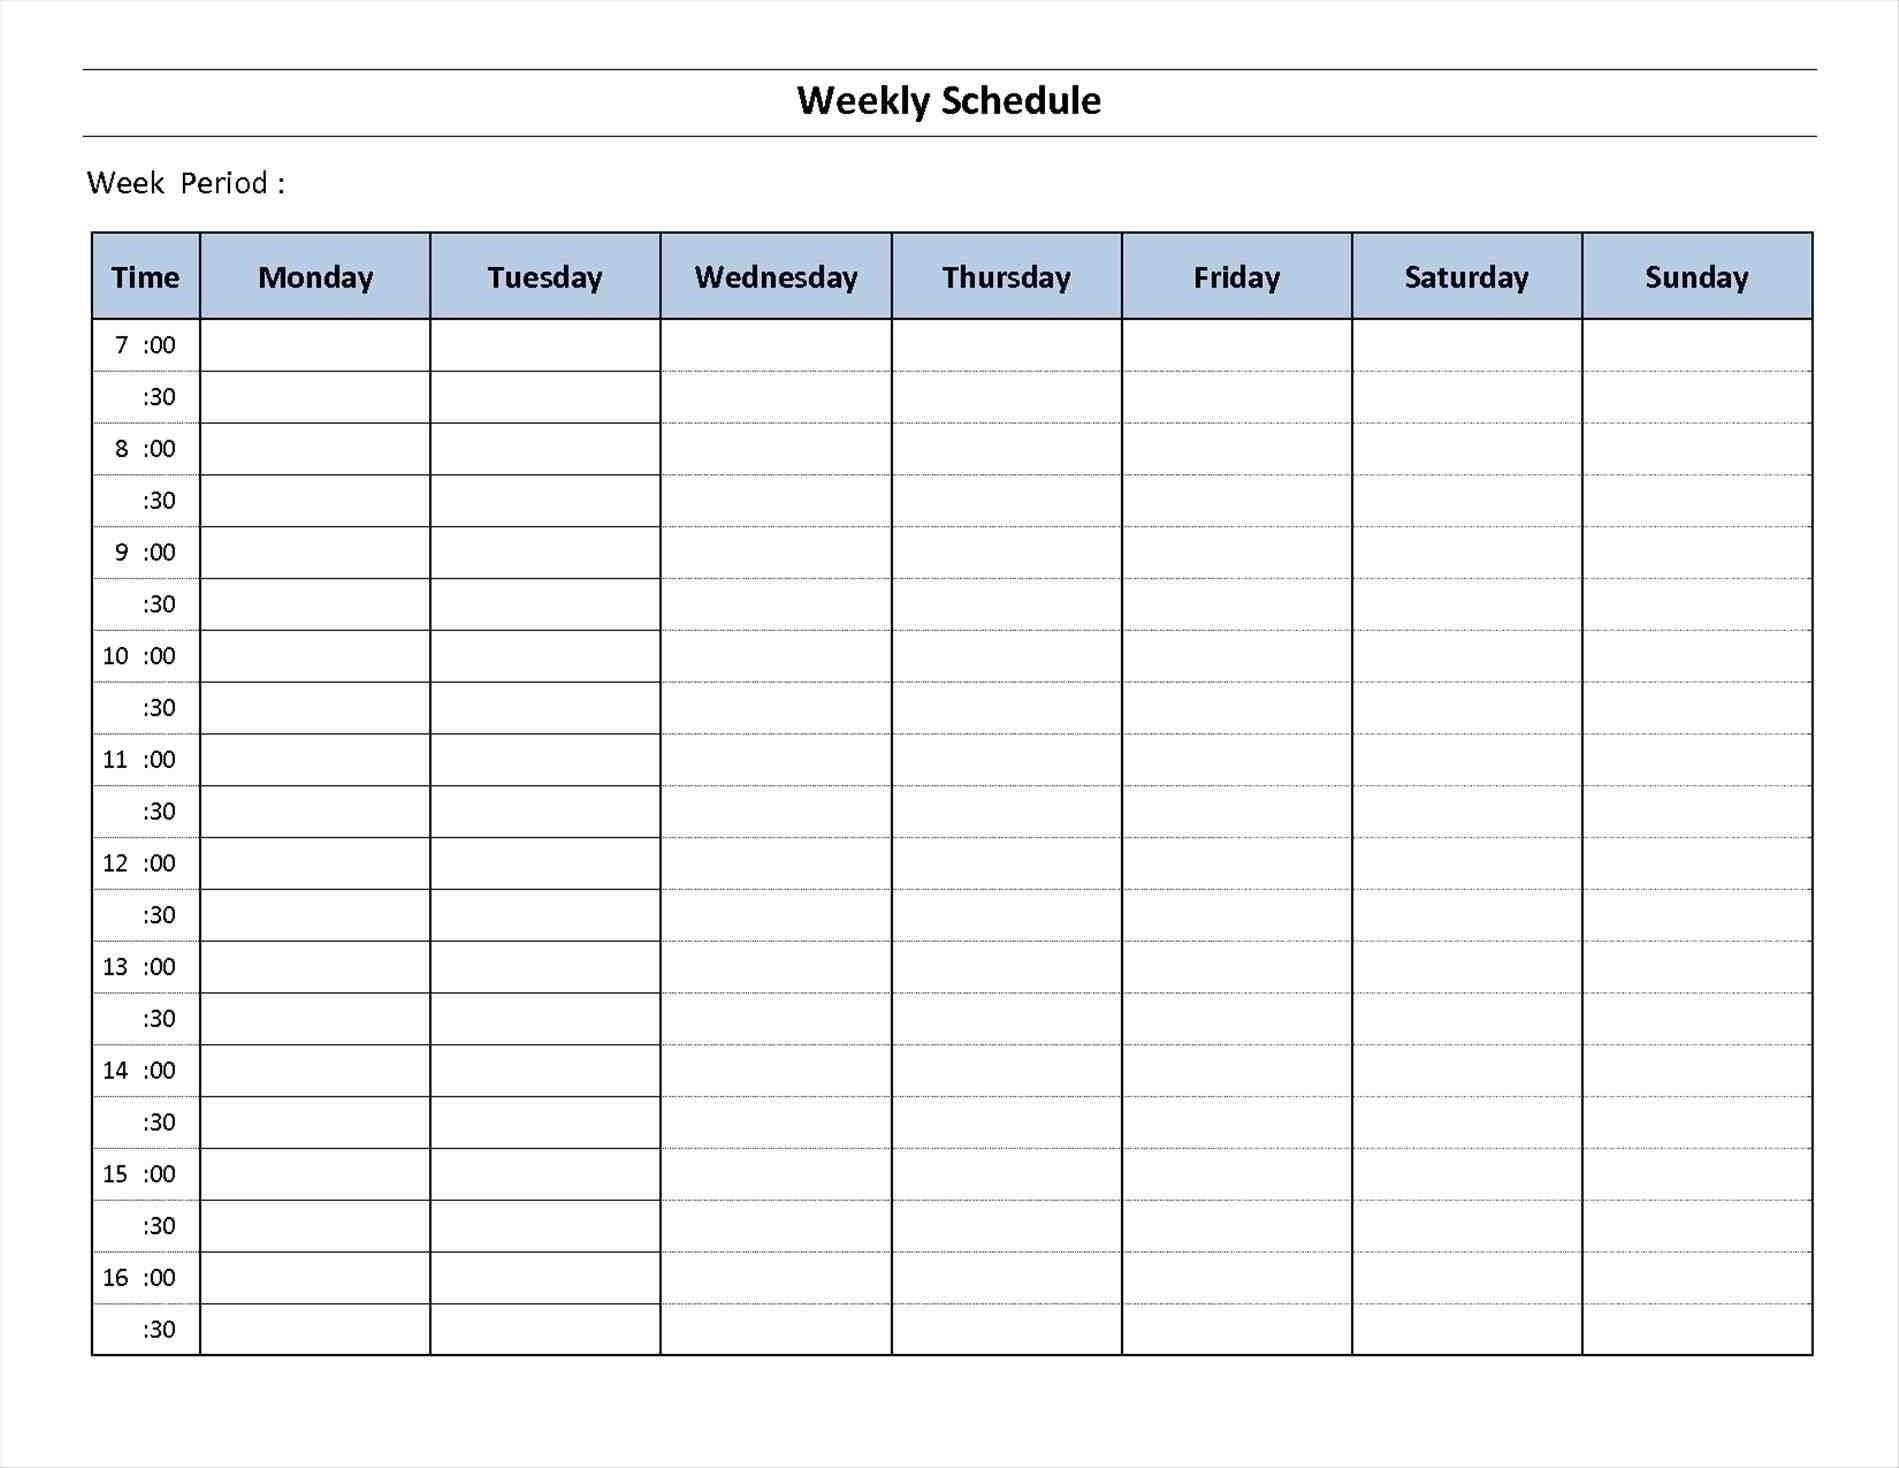 Day Week Calendar Template Schedule Blank E2 80 93 Printable | Smorad in 7 Day 12 Week Planner Blank